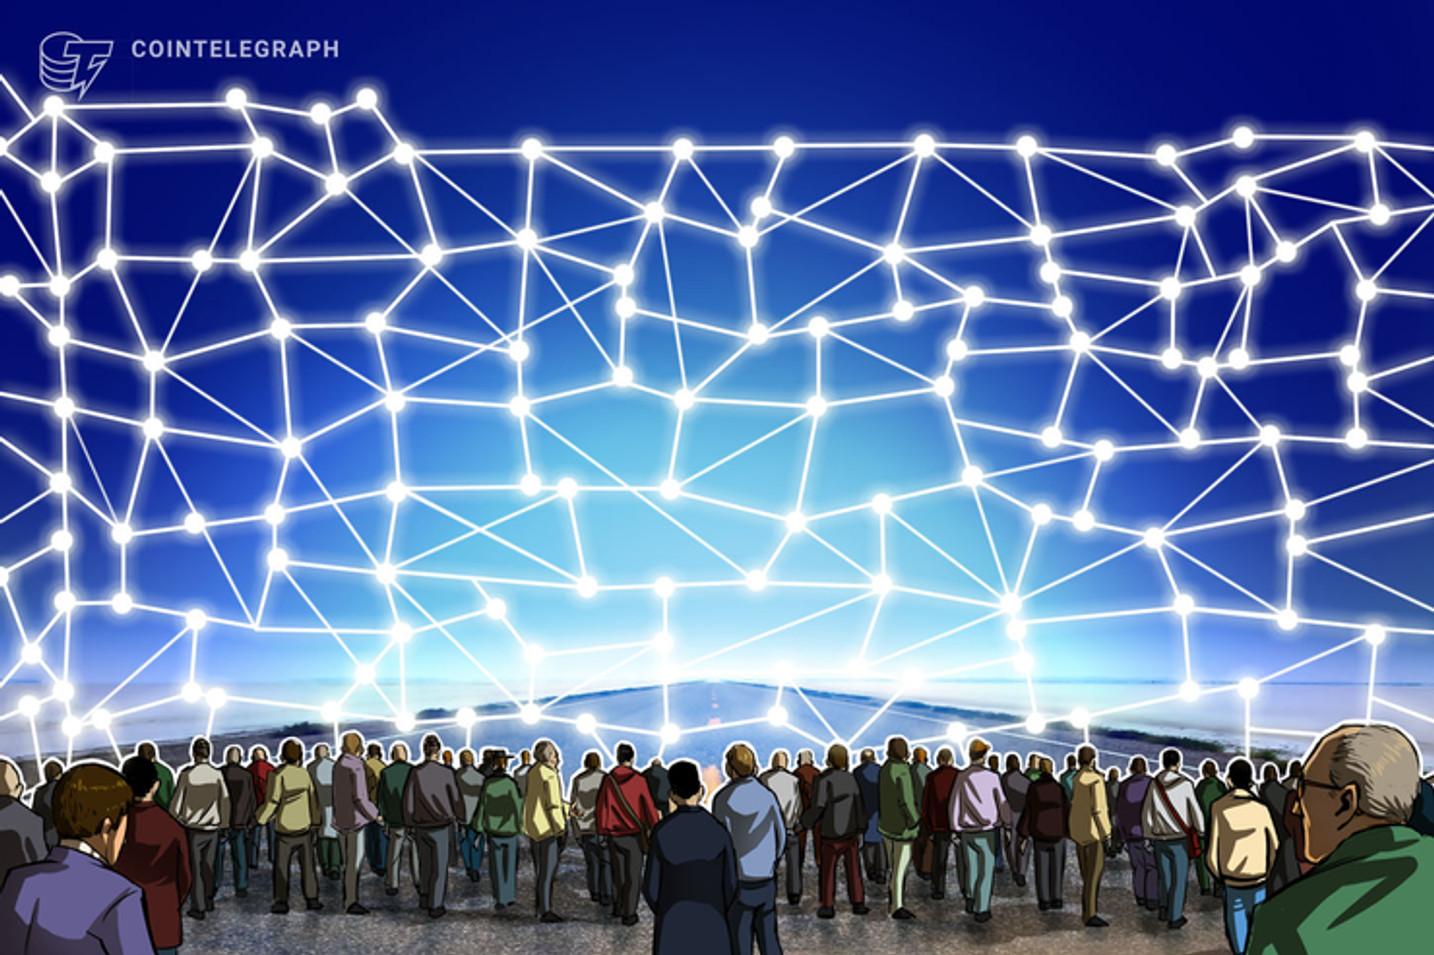 La adopción de la tecnología Blockchain como remedio para el comercio transfronterizo